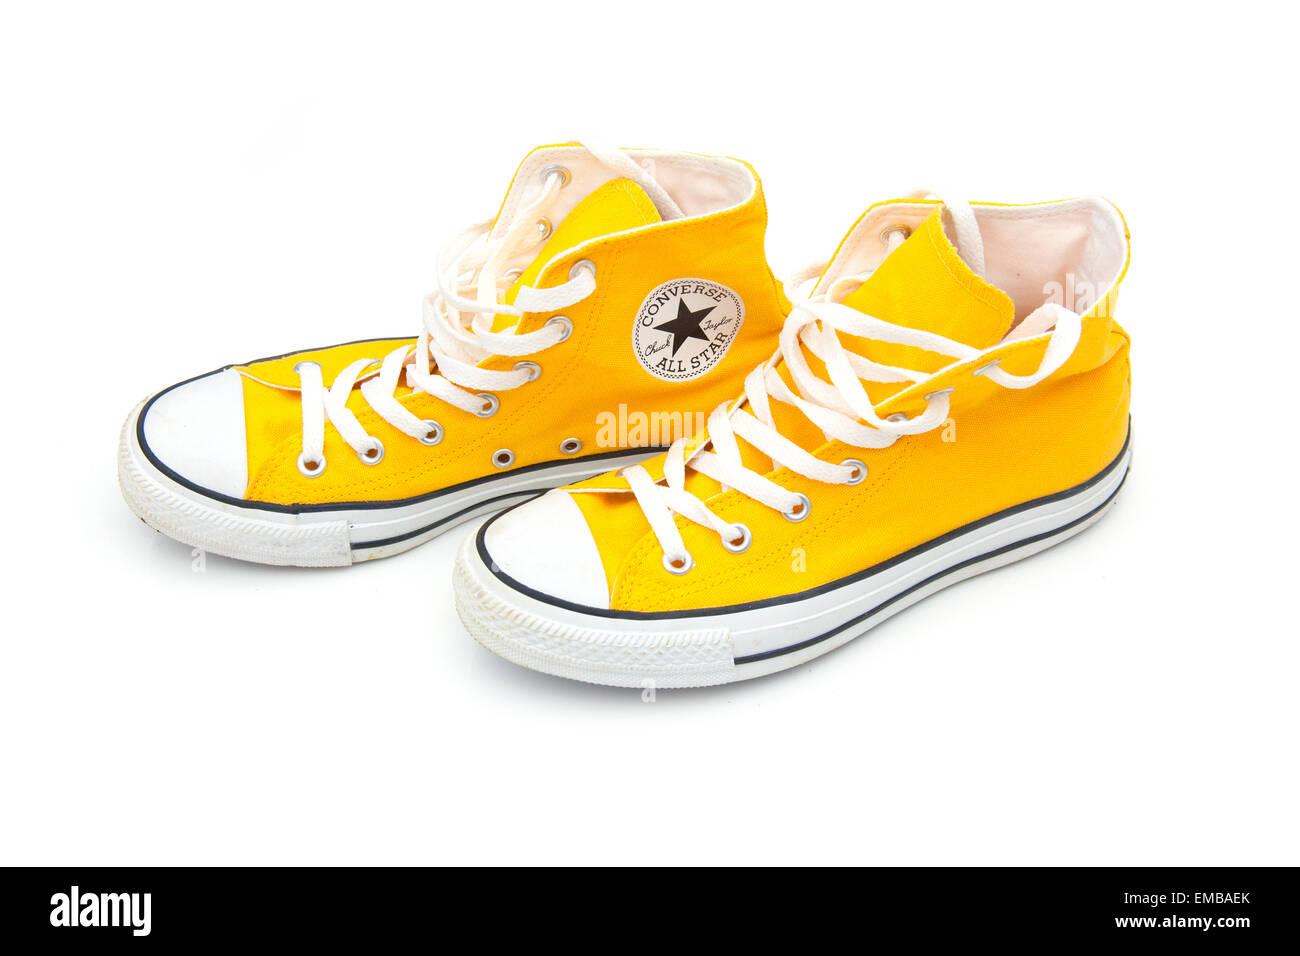 Giallo Converse stivali isolato su un bianco di sfondo per studio. Immagini  Stock 6773dbd93c1